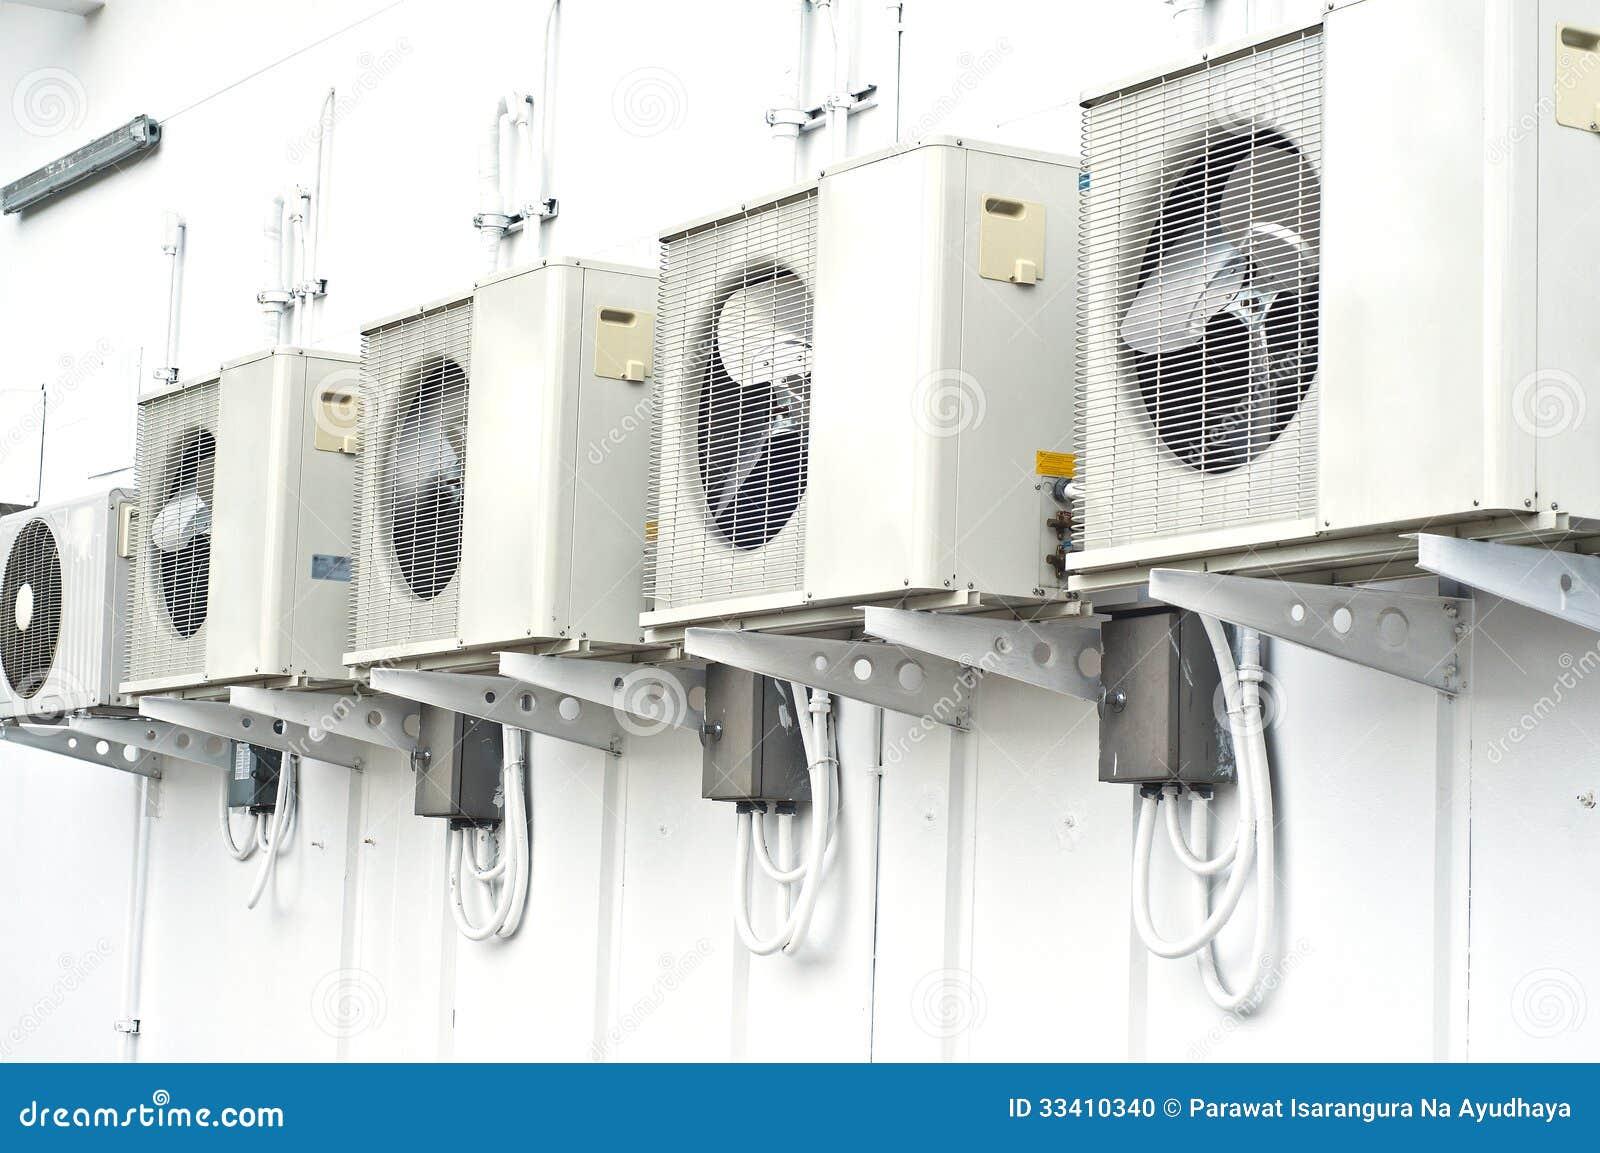 compresor de aire acondicionado. libre de derechos. download compresor del aire acondicionado. acondicionado